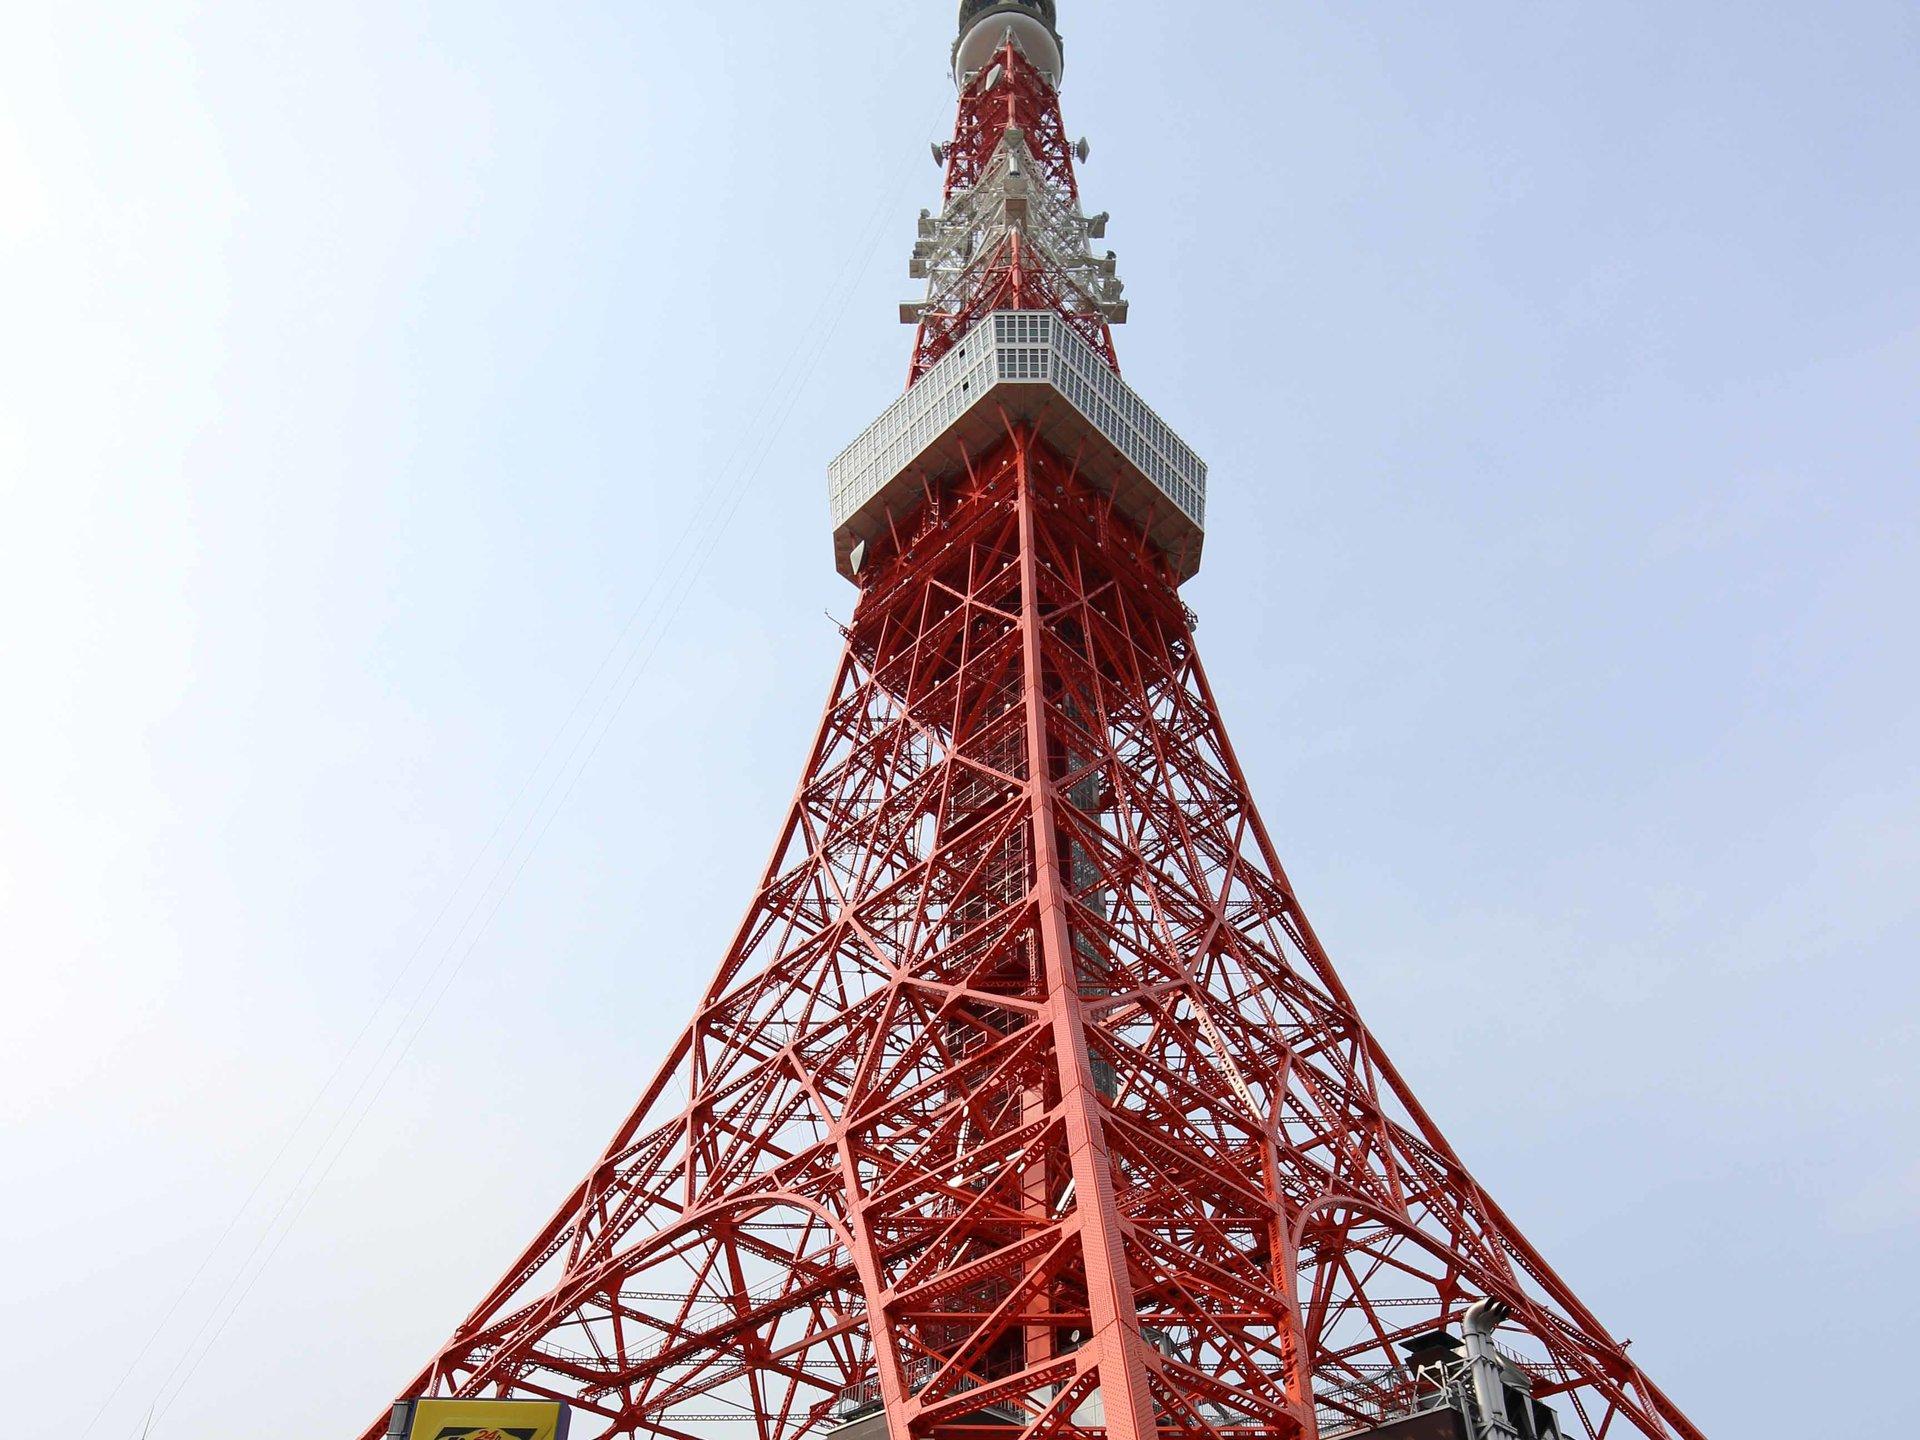 東京案内するならここ!外国人が喜ぶおすすめ王道観光スポット10選